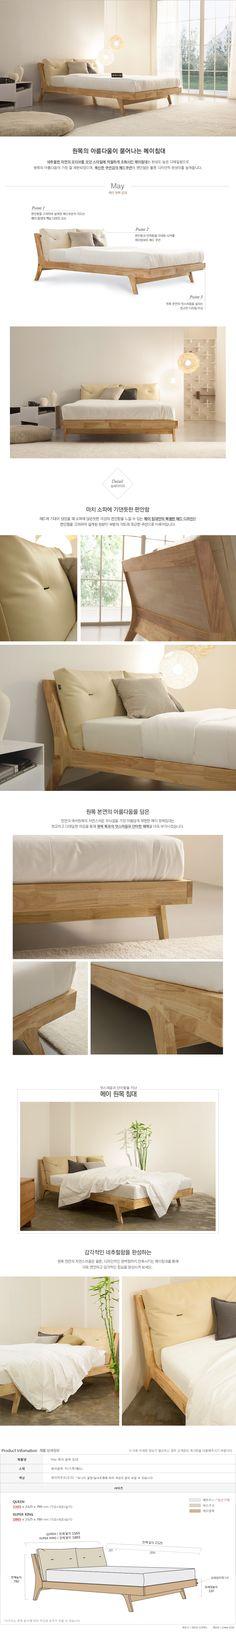 [메이 원목 수퍼킹 침대(40% 할인)]